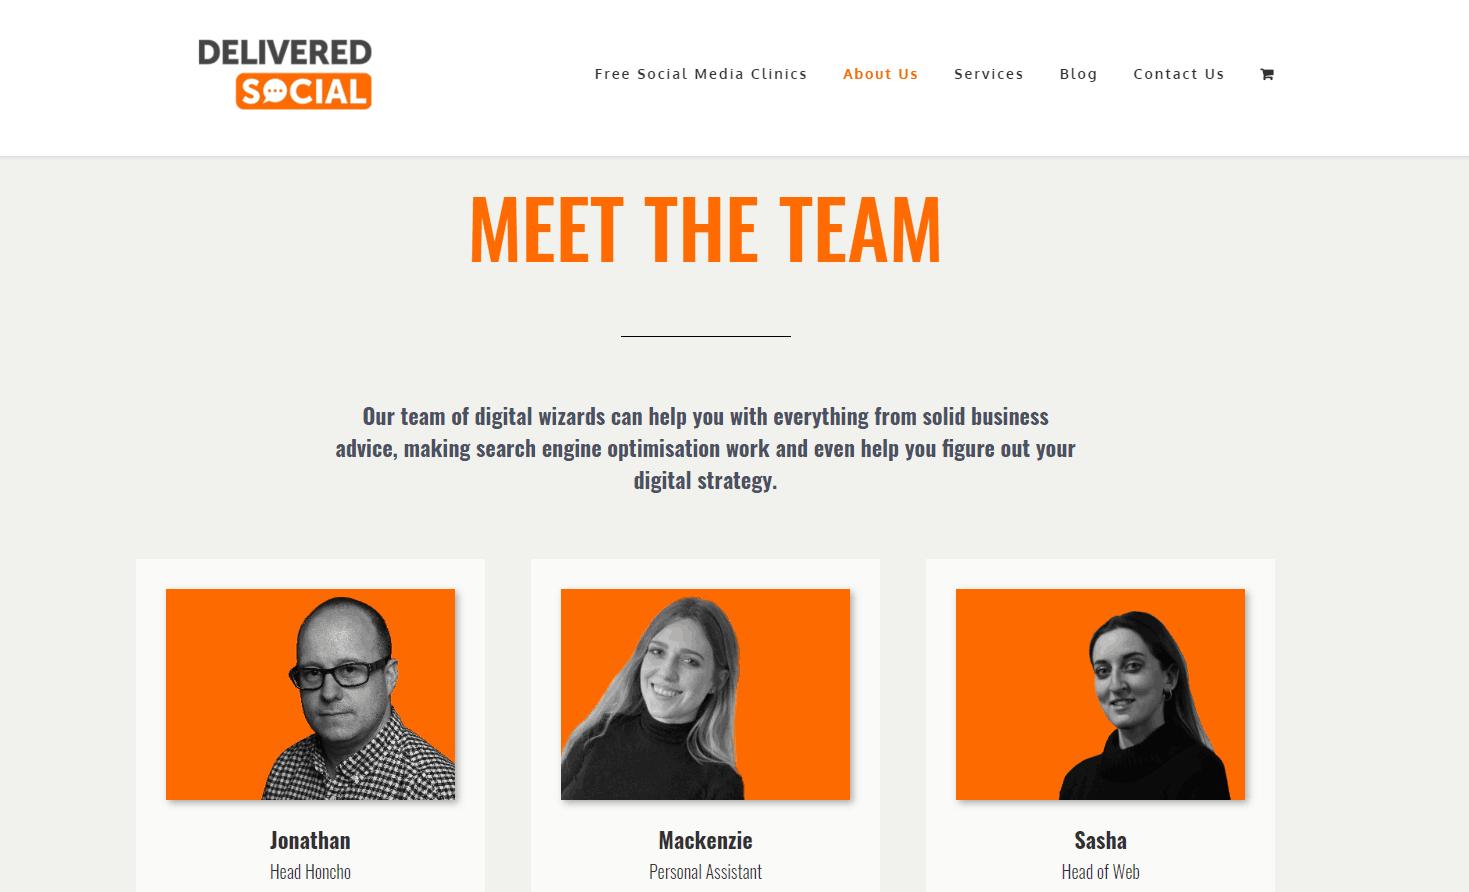 social media marketing agencies: meet the team